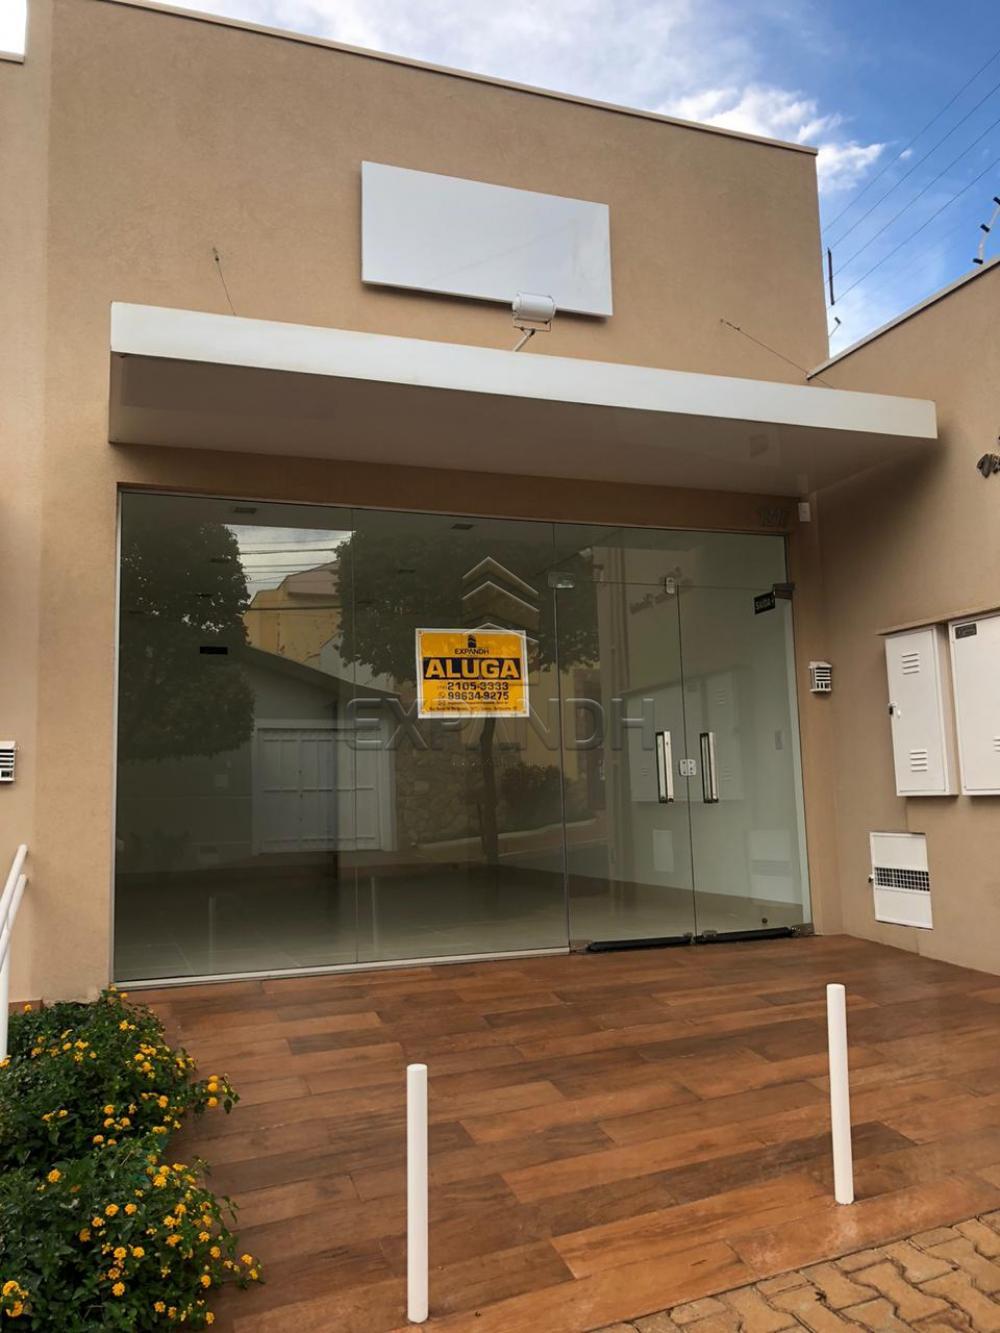 Alugar Comerciais / Sala em Sertãozinho apenas R$ 1.600,00 - Foto 1